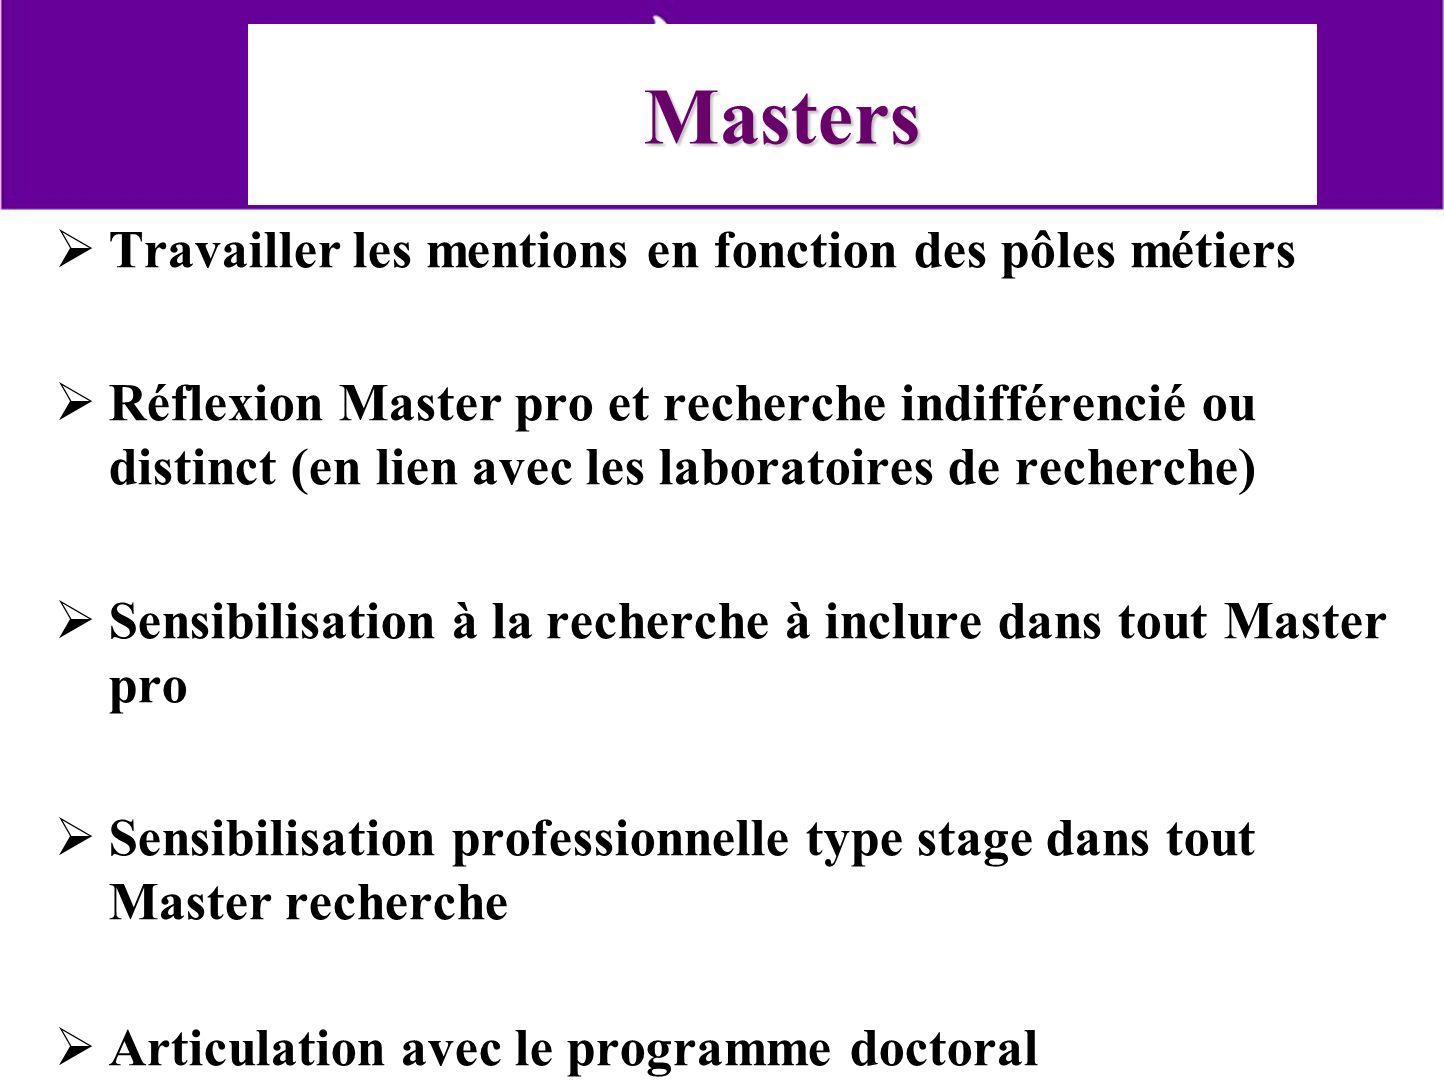 Masters Travailler les mentions en fonction des pôles métiers Réflexion Master pro et recherche indifférencié ou distinct (en lien avec les laboratoires de recherche) Sensibilisation à la recherche à inclure dans tout Master pro Sensibilisation professionnelle type stage dans tout Master recherche Articulation avec le programme doctoral